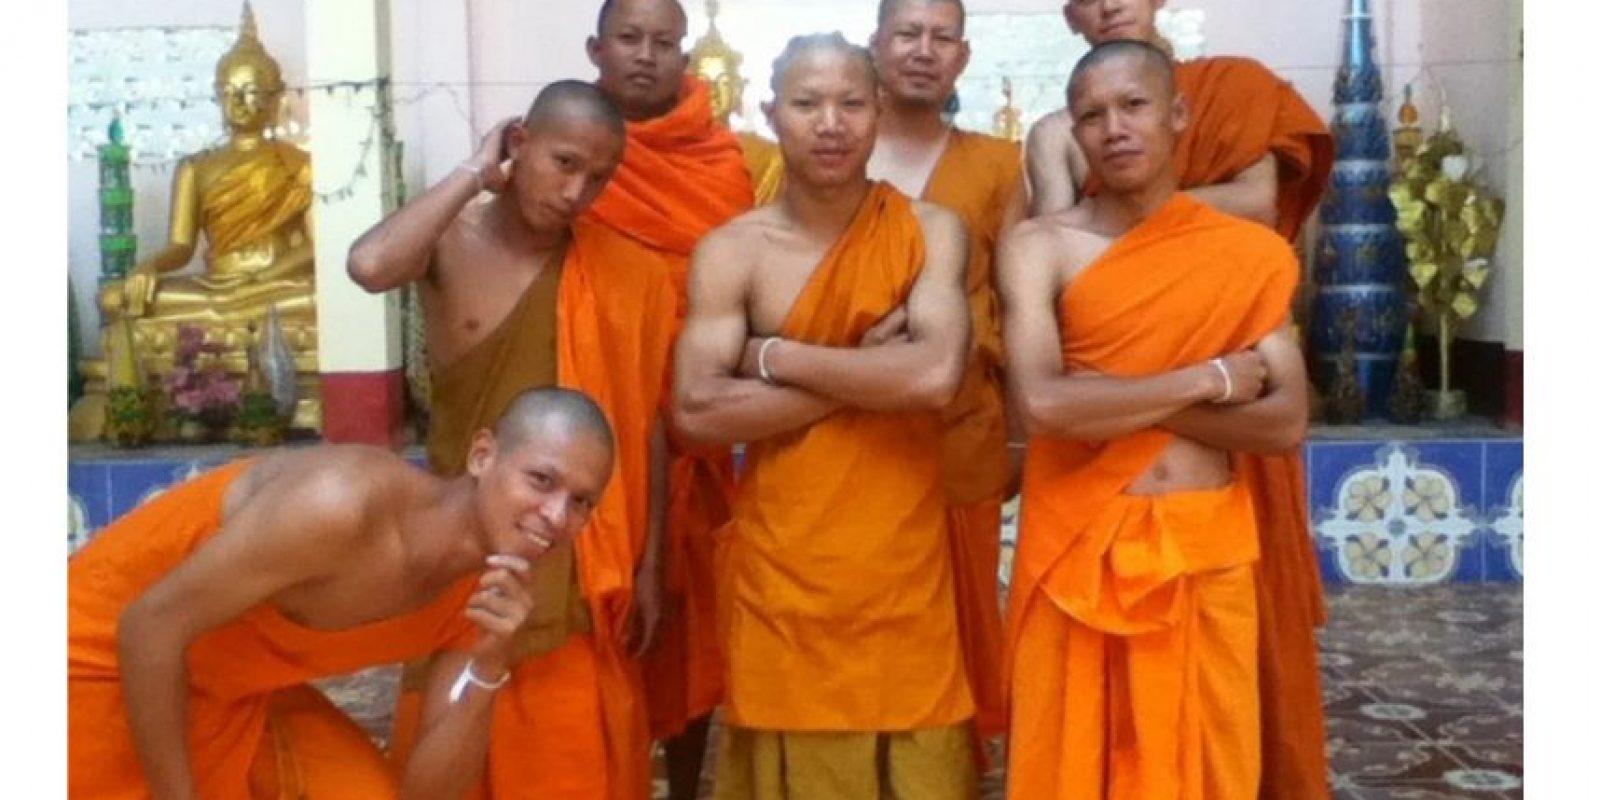 Ese es el nombre que Herder escogió para la carpeta de fotos y selfies que el monje budista que encontró su iPod Foto:vía boboandchichi.com